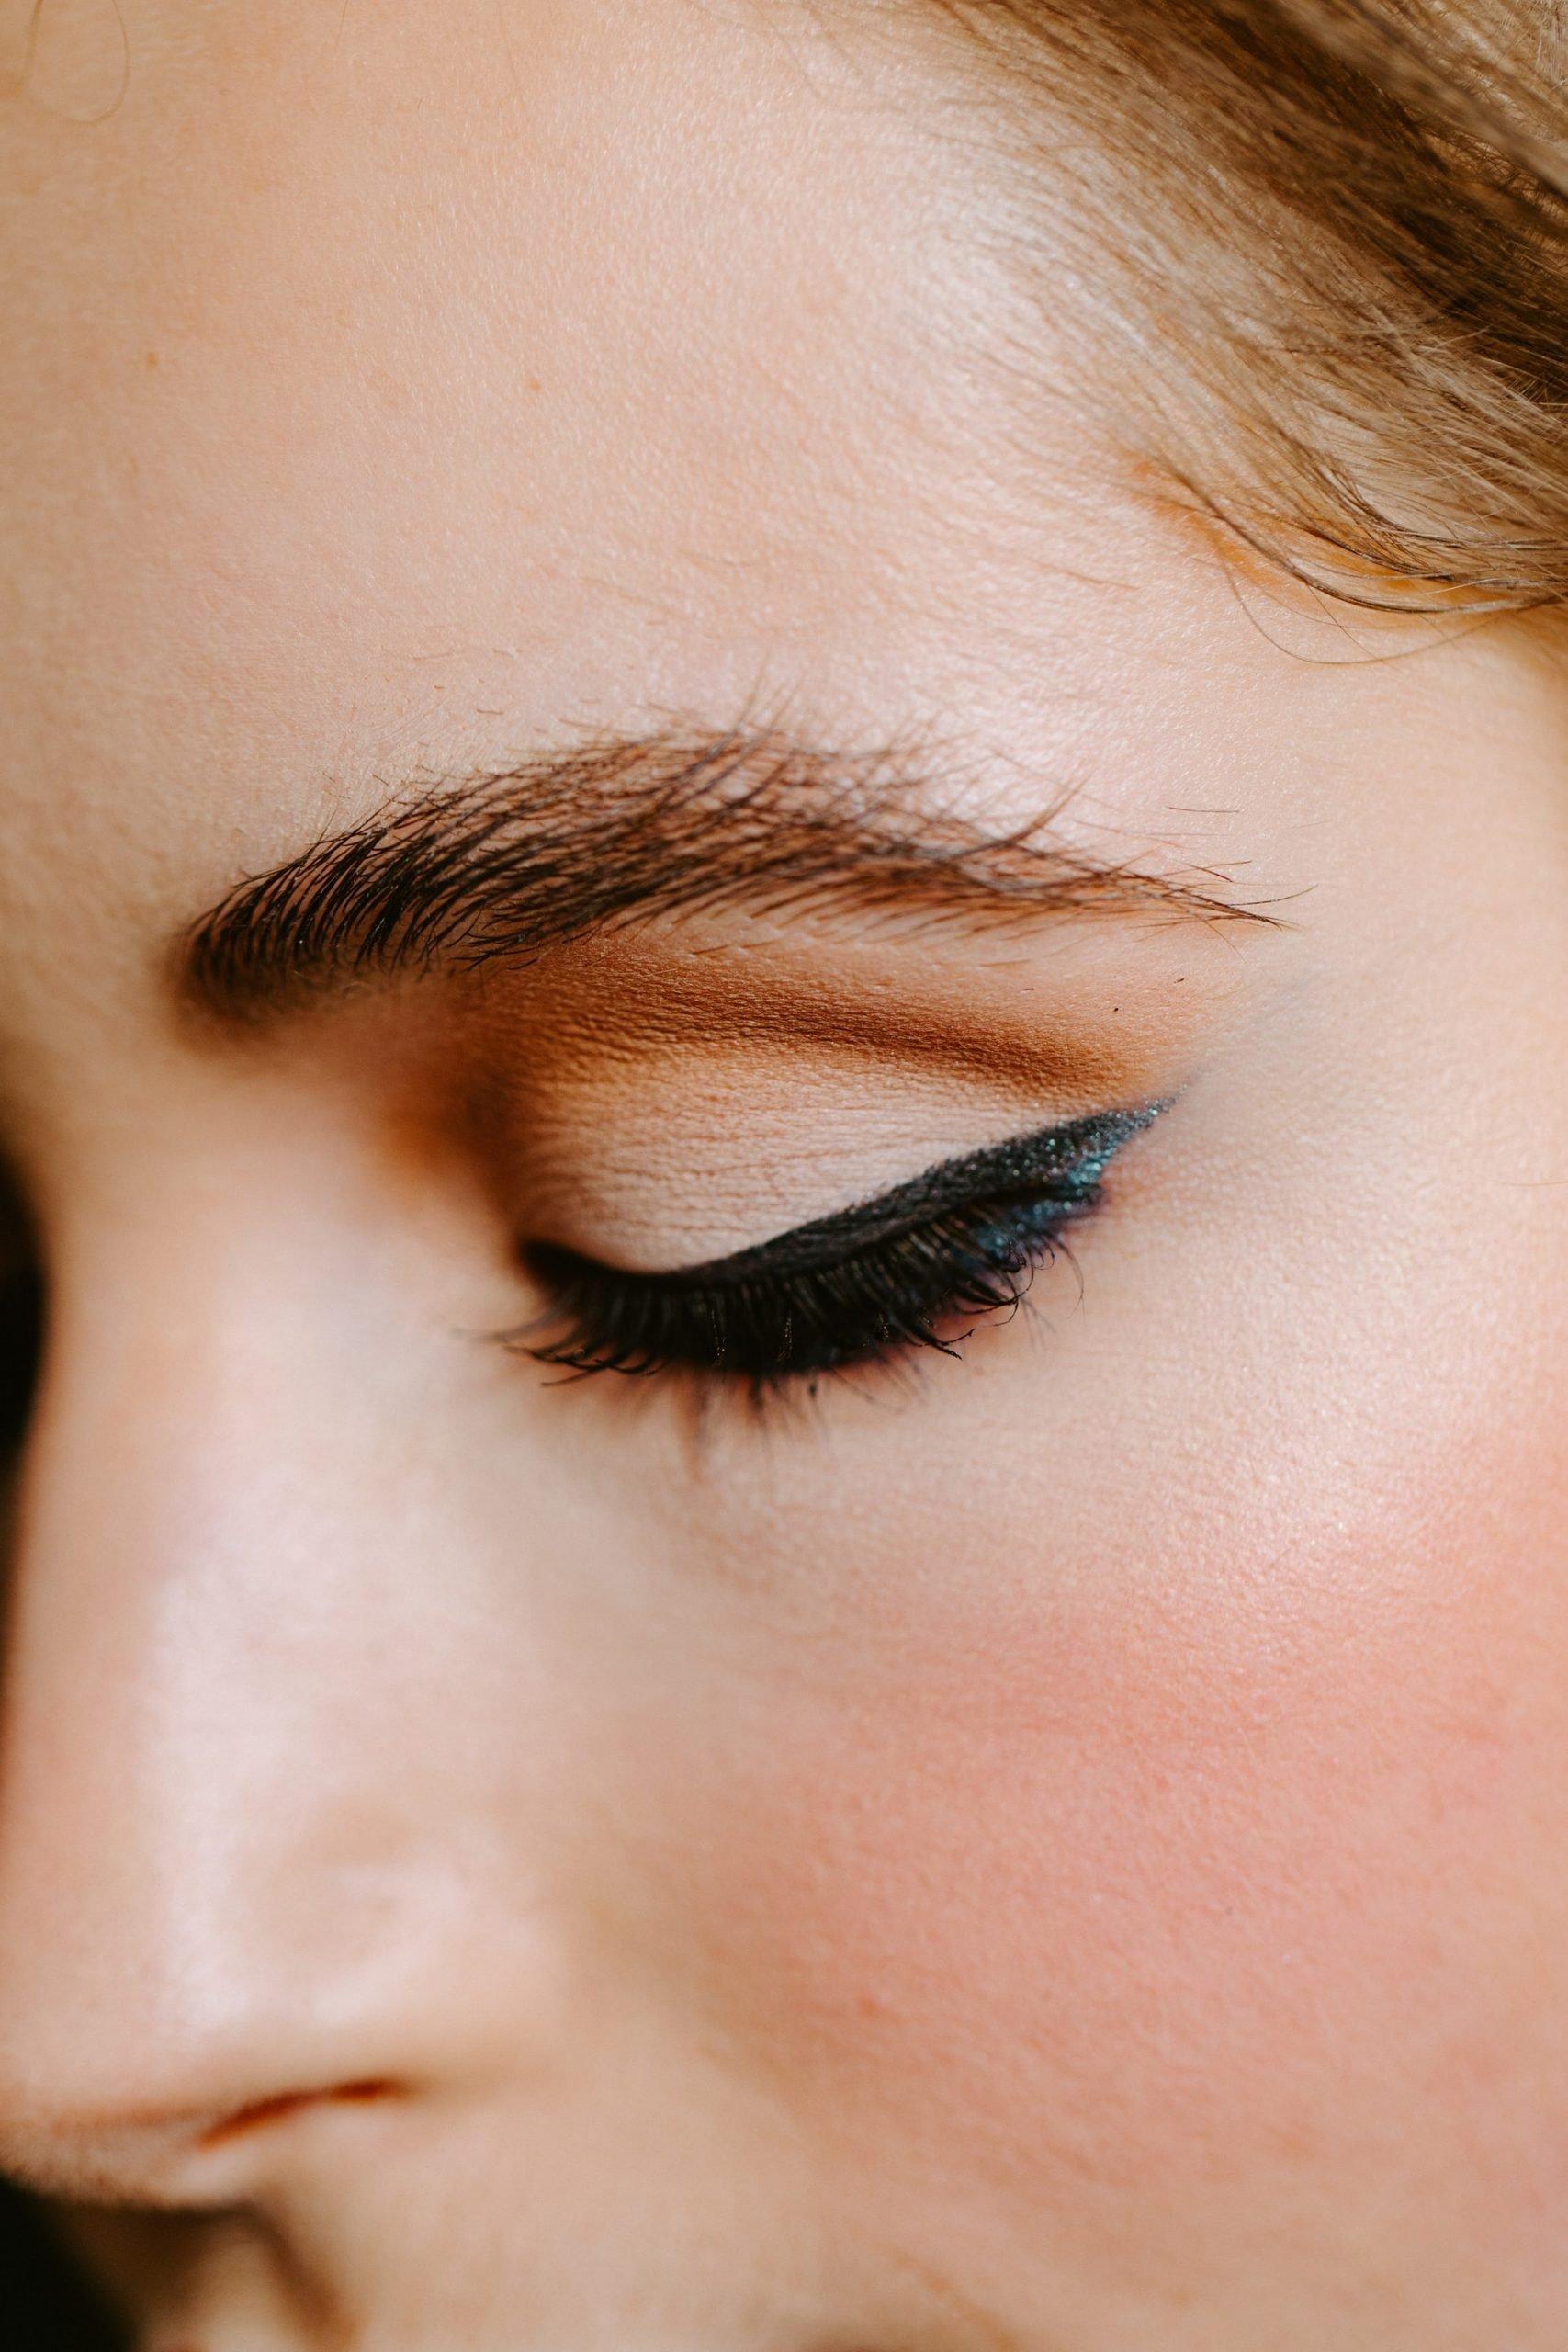 LOOKFANTASTIC BEAUTY ACADEMY: Cómo aplicar el eyeliner: ¡5 consejos para convertirte en una profesional!